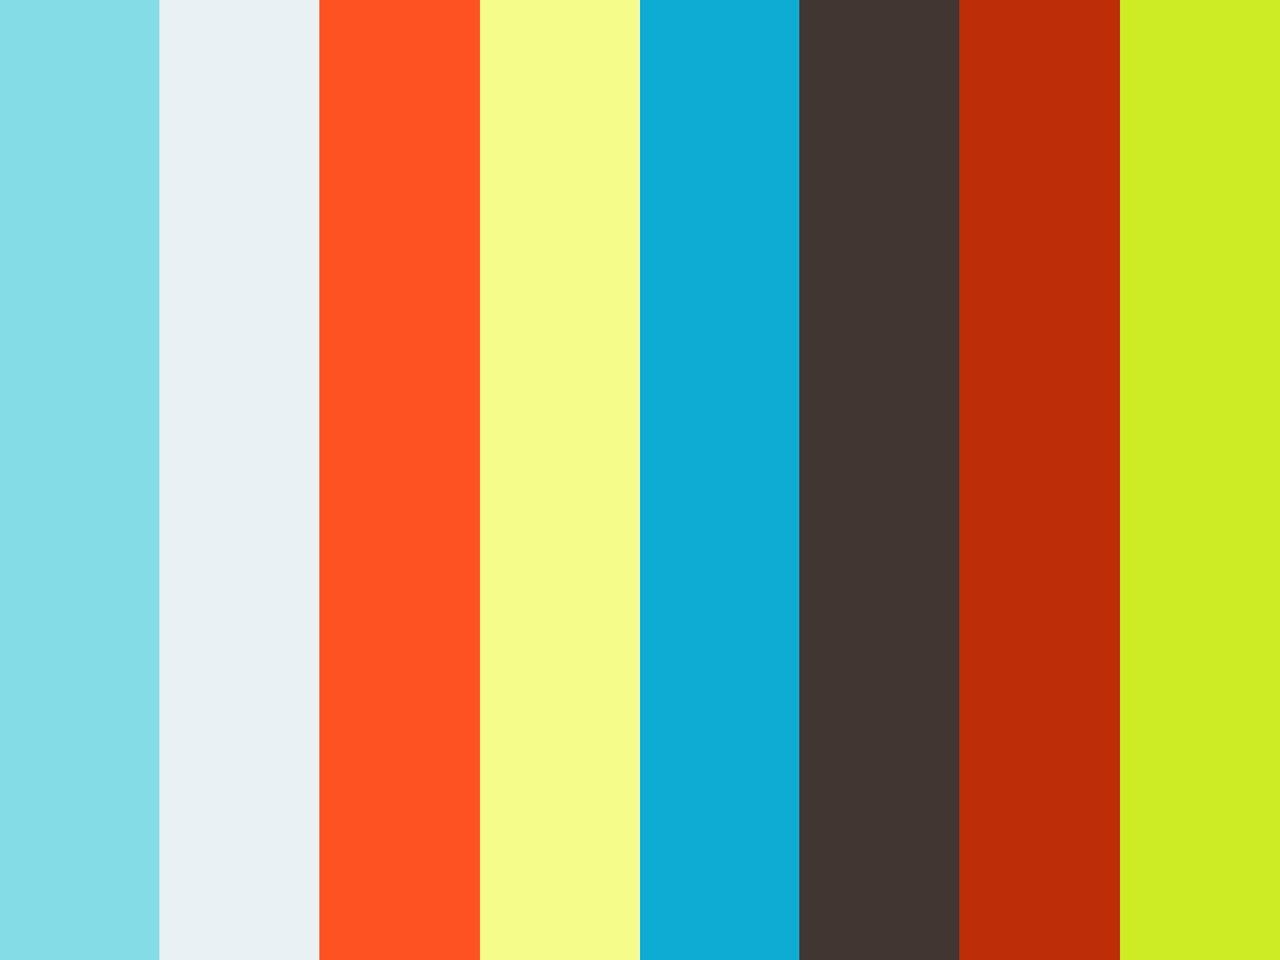 002805 - PROG - TV Provincie - Ruimtelijk participatietraject Oudenaarde